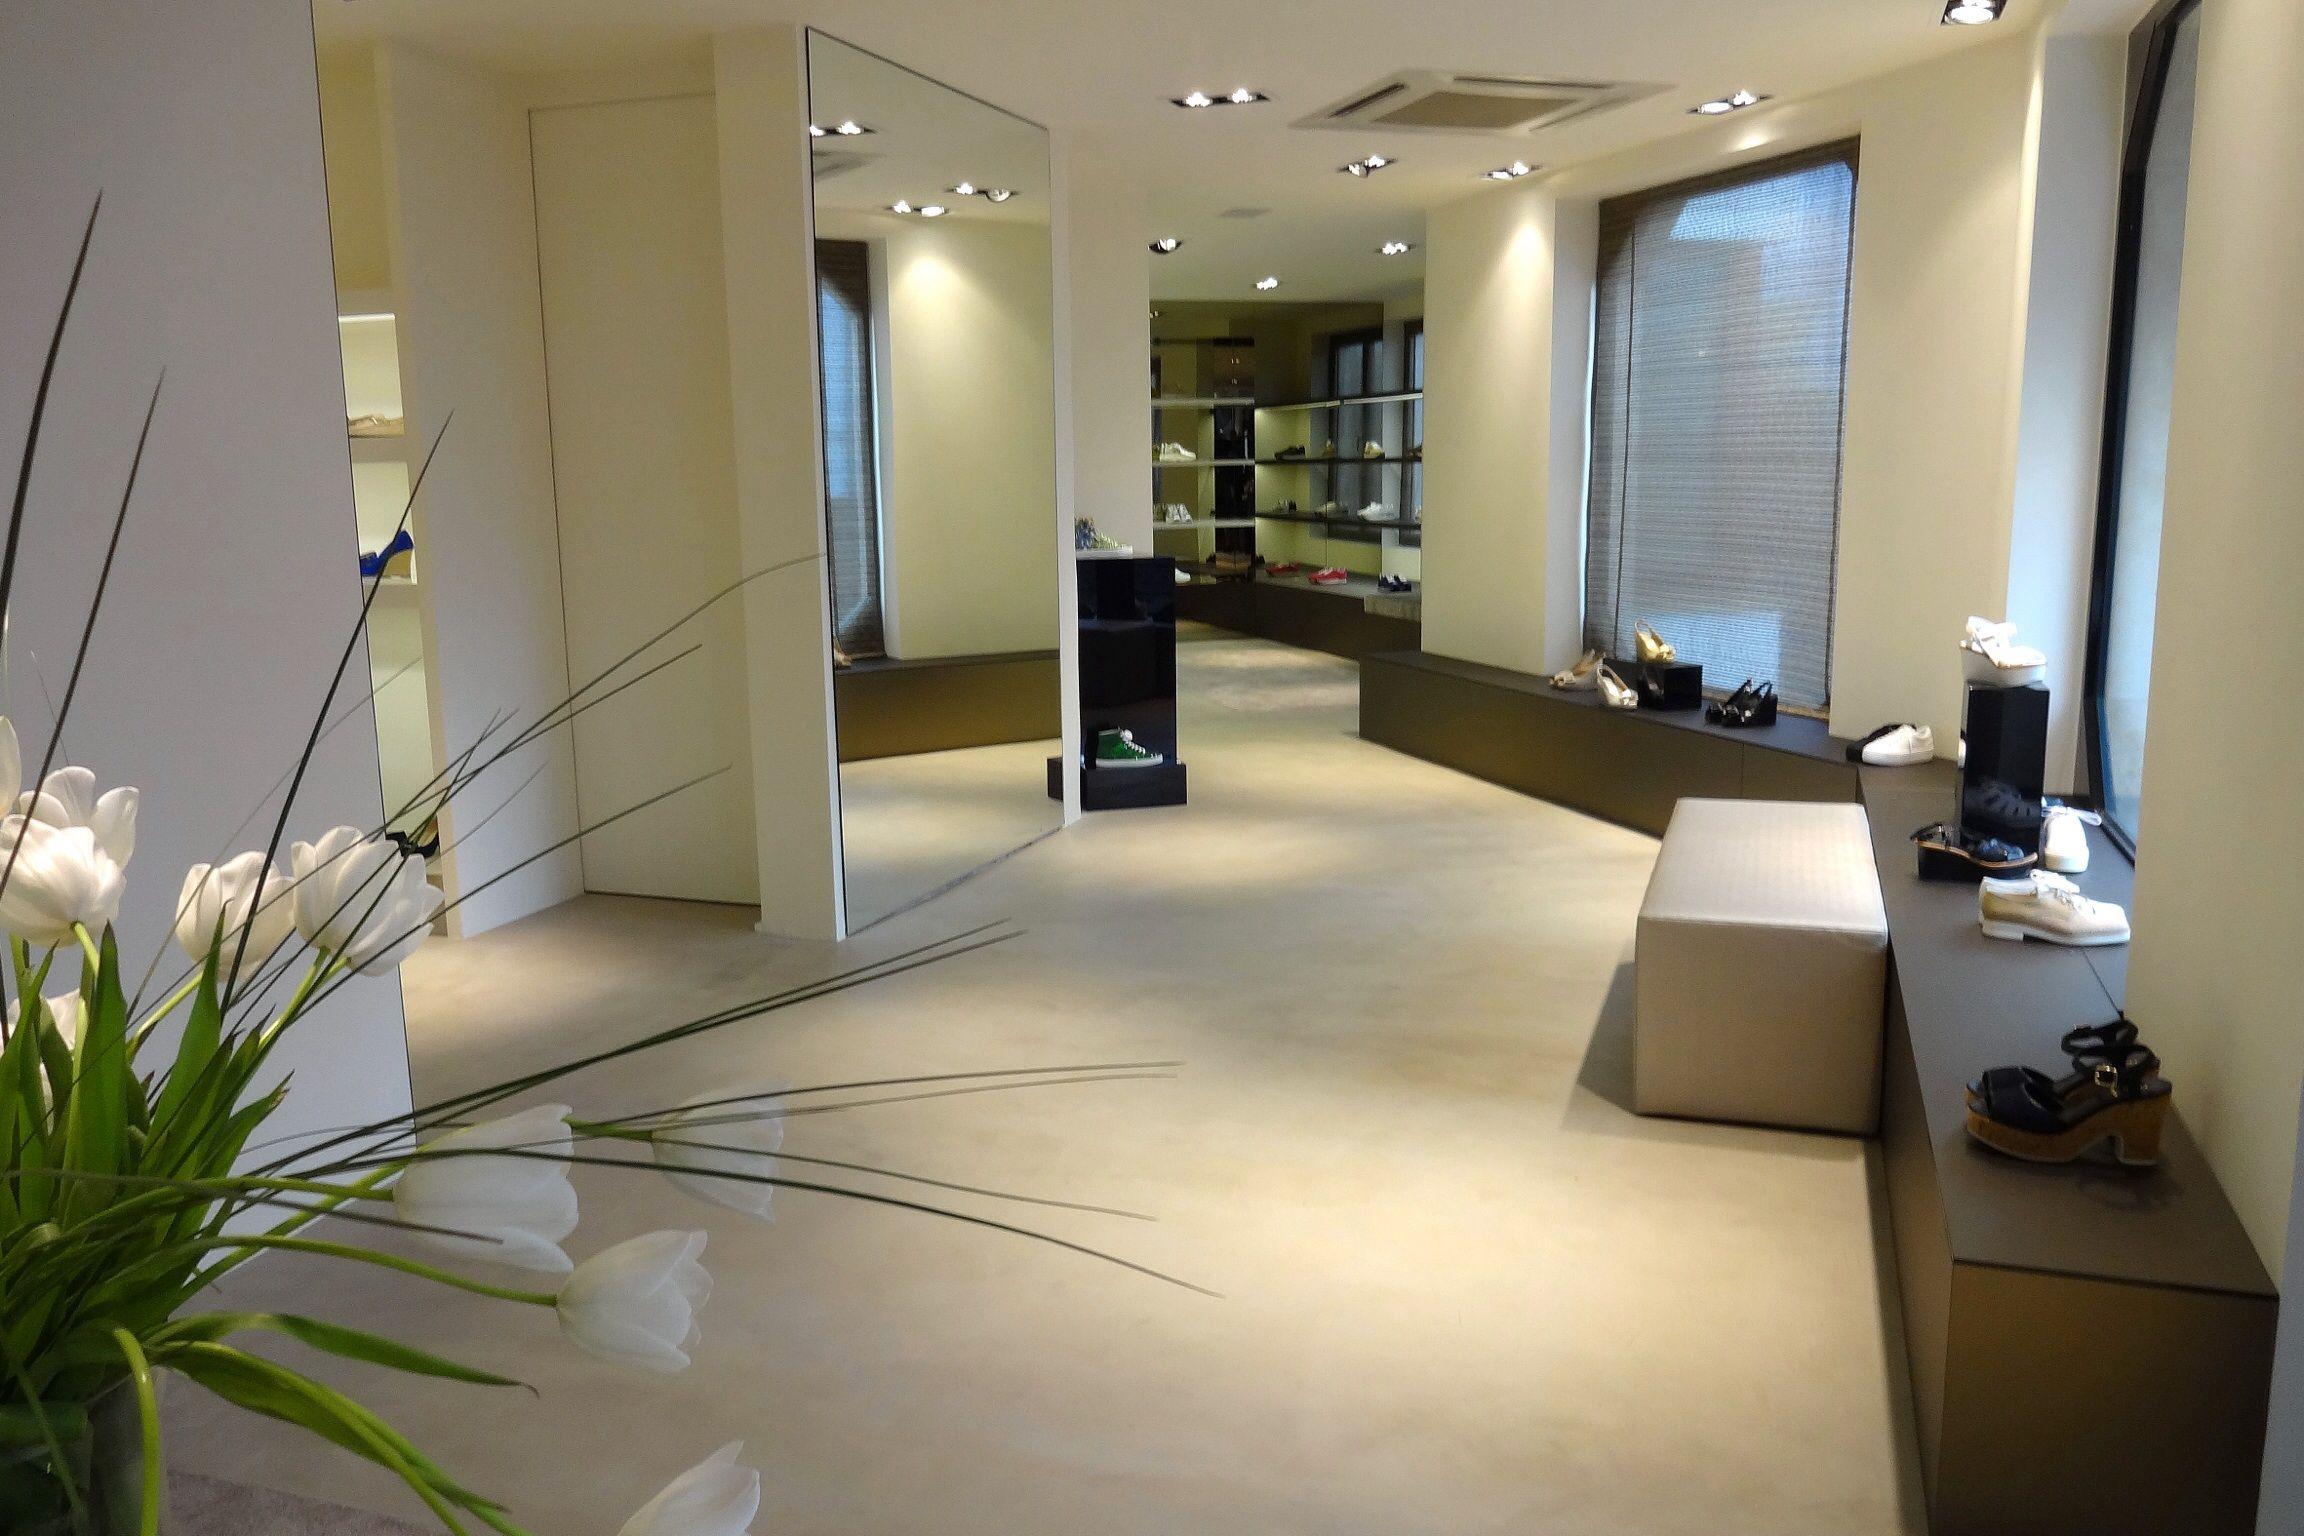 stuc deco floor badkamer stucwerk pinterest deco en badkamer